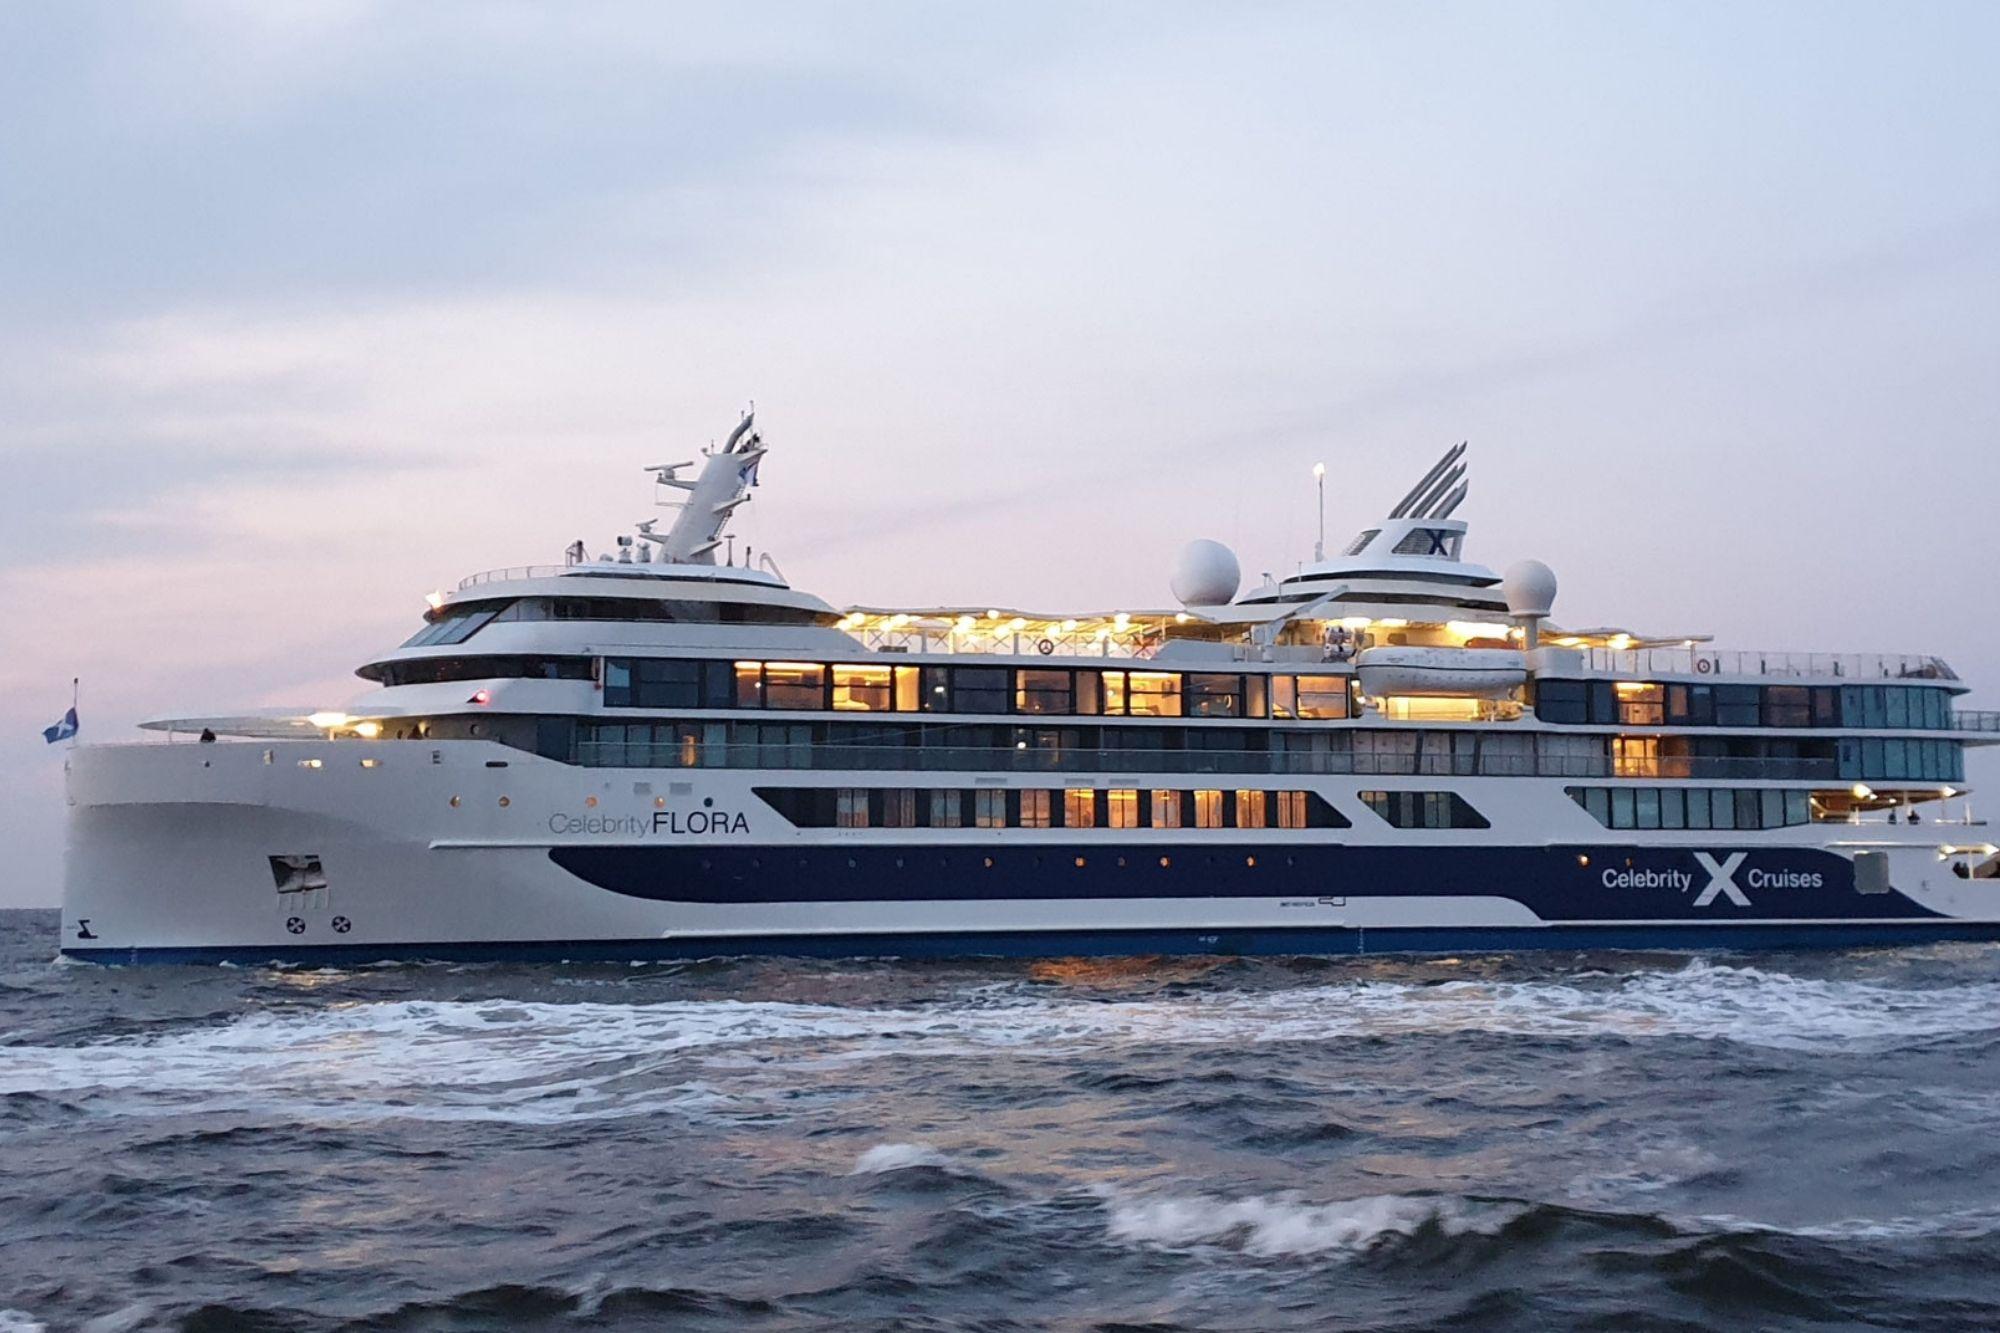 Celebrity Cruises plant Galapagos-Neustart im Juli